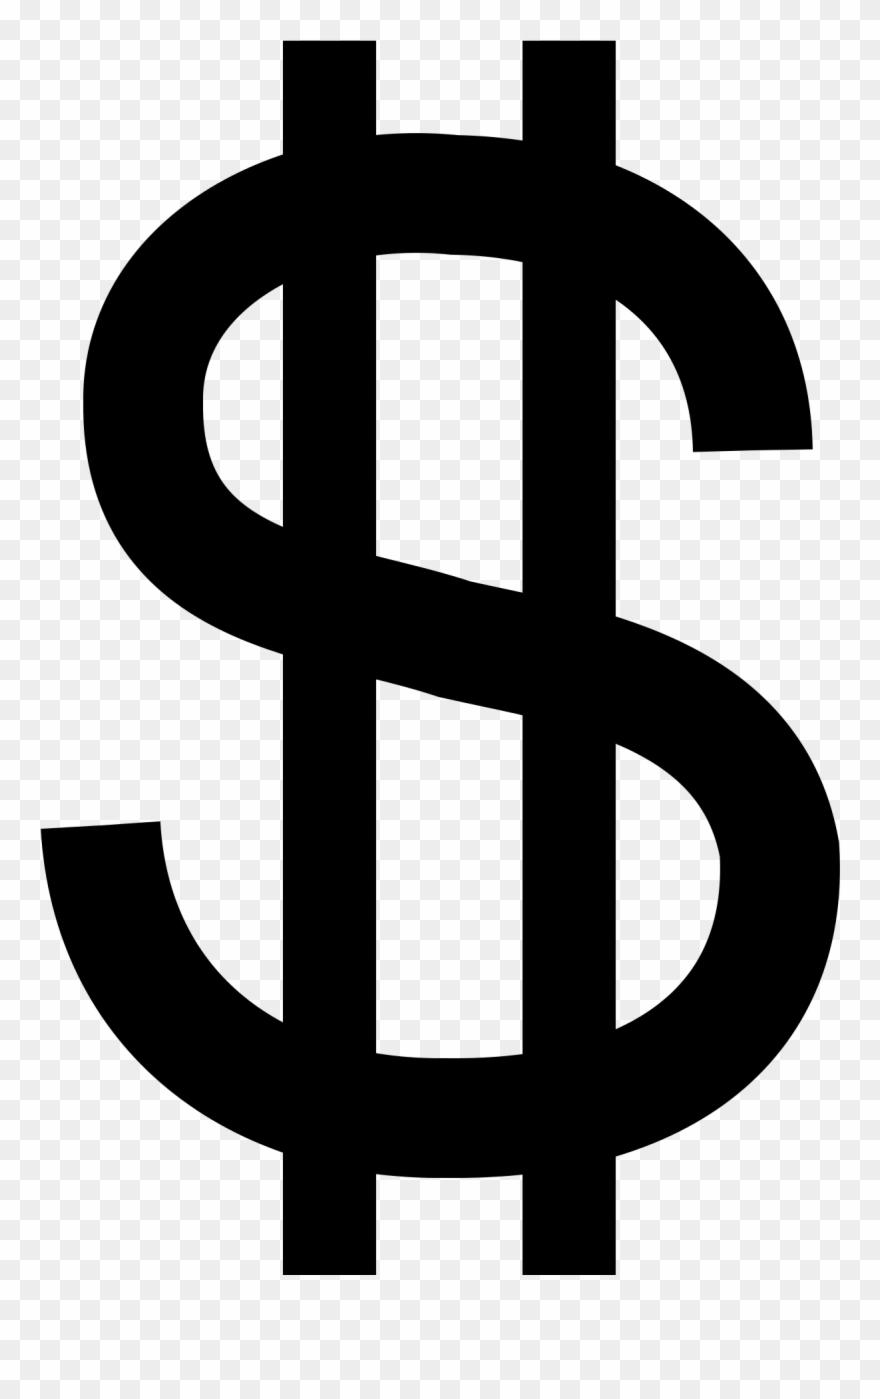 Images For Dollar Sign Black Clip Art.